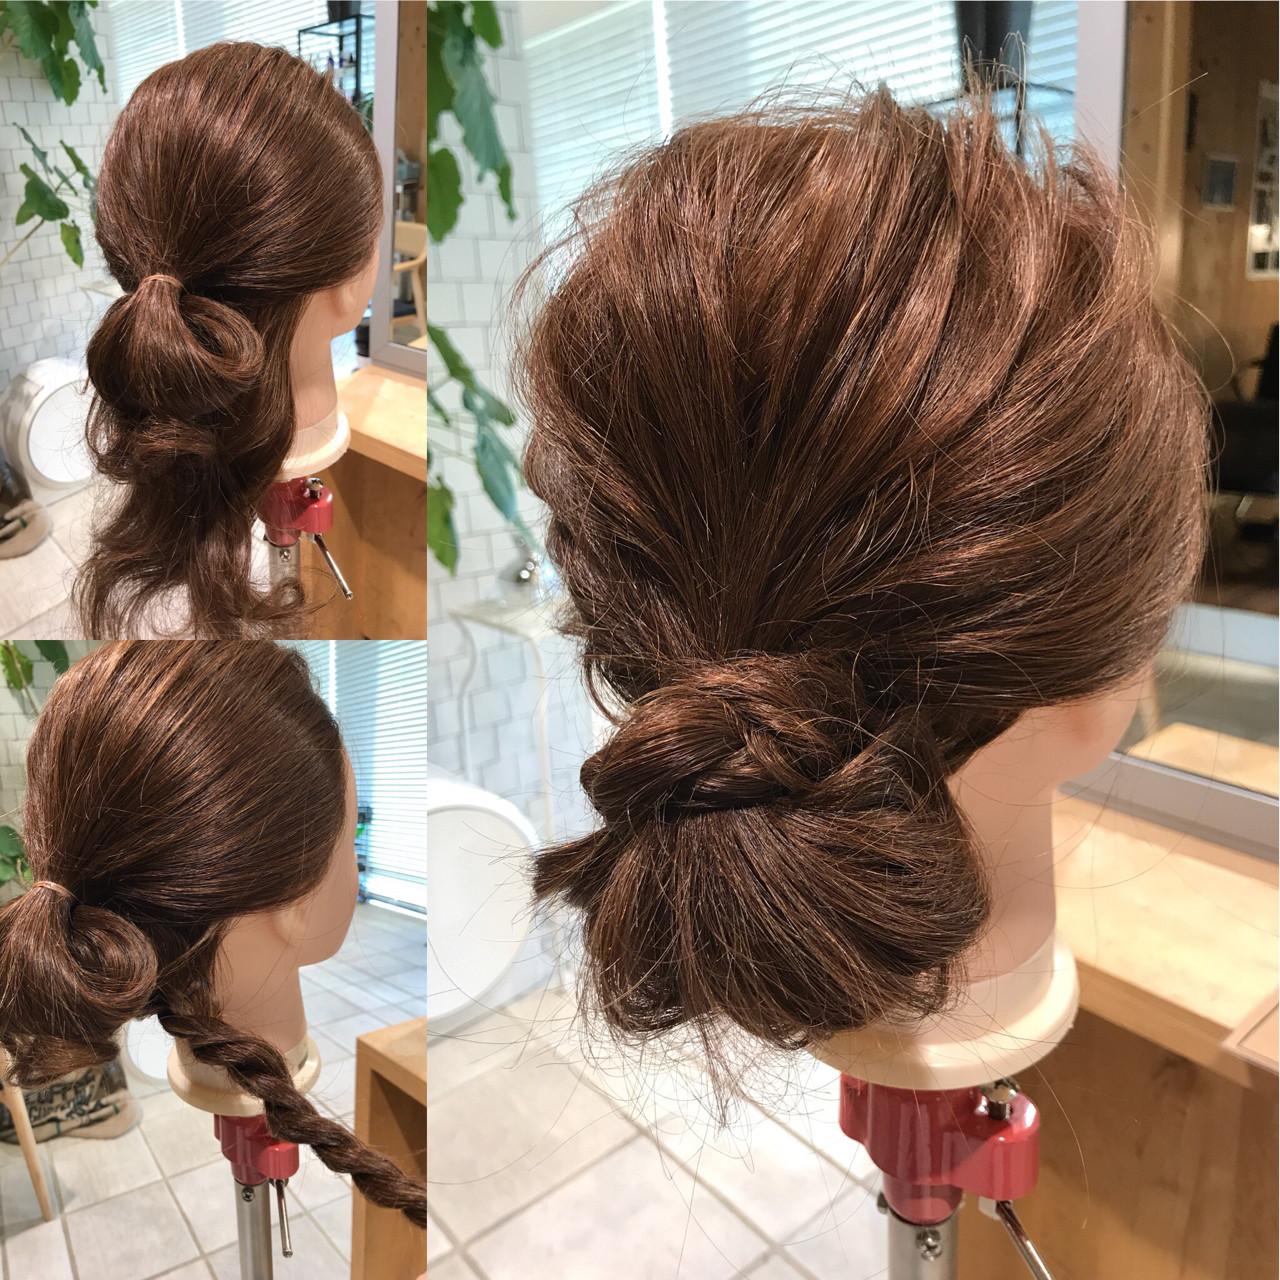 ナチュラル ショート 簡単ヘアアレンジ 簡単 ヘアスタイルや髪型の写真・画像